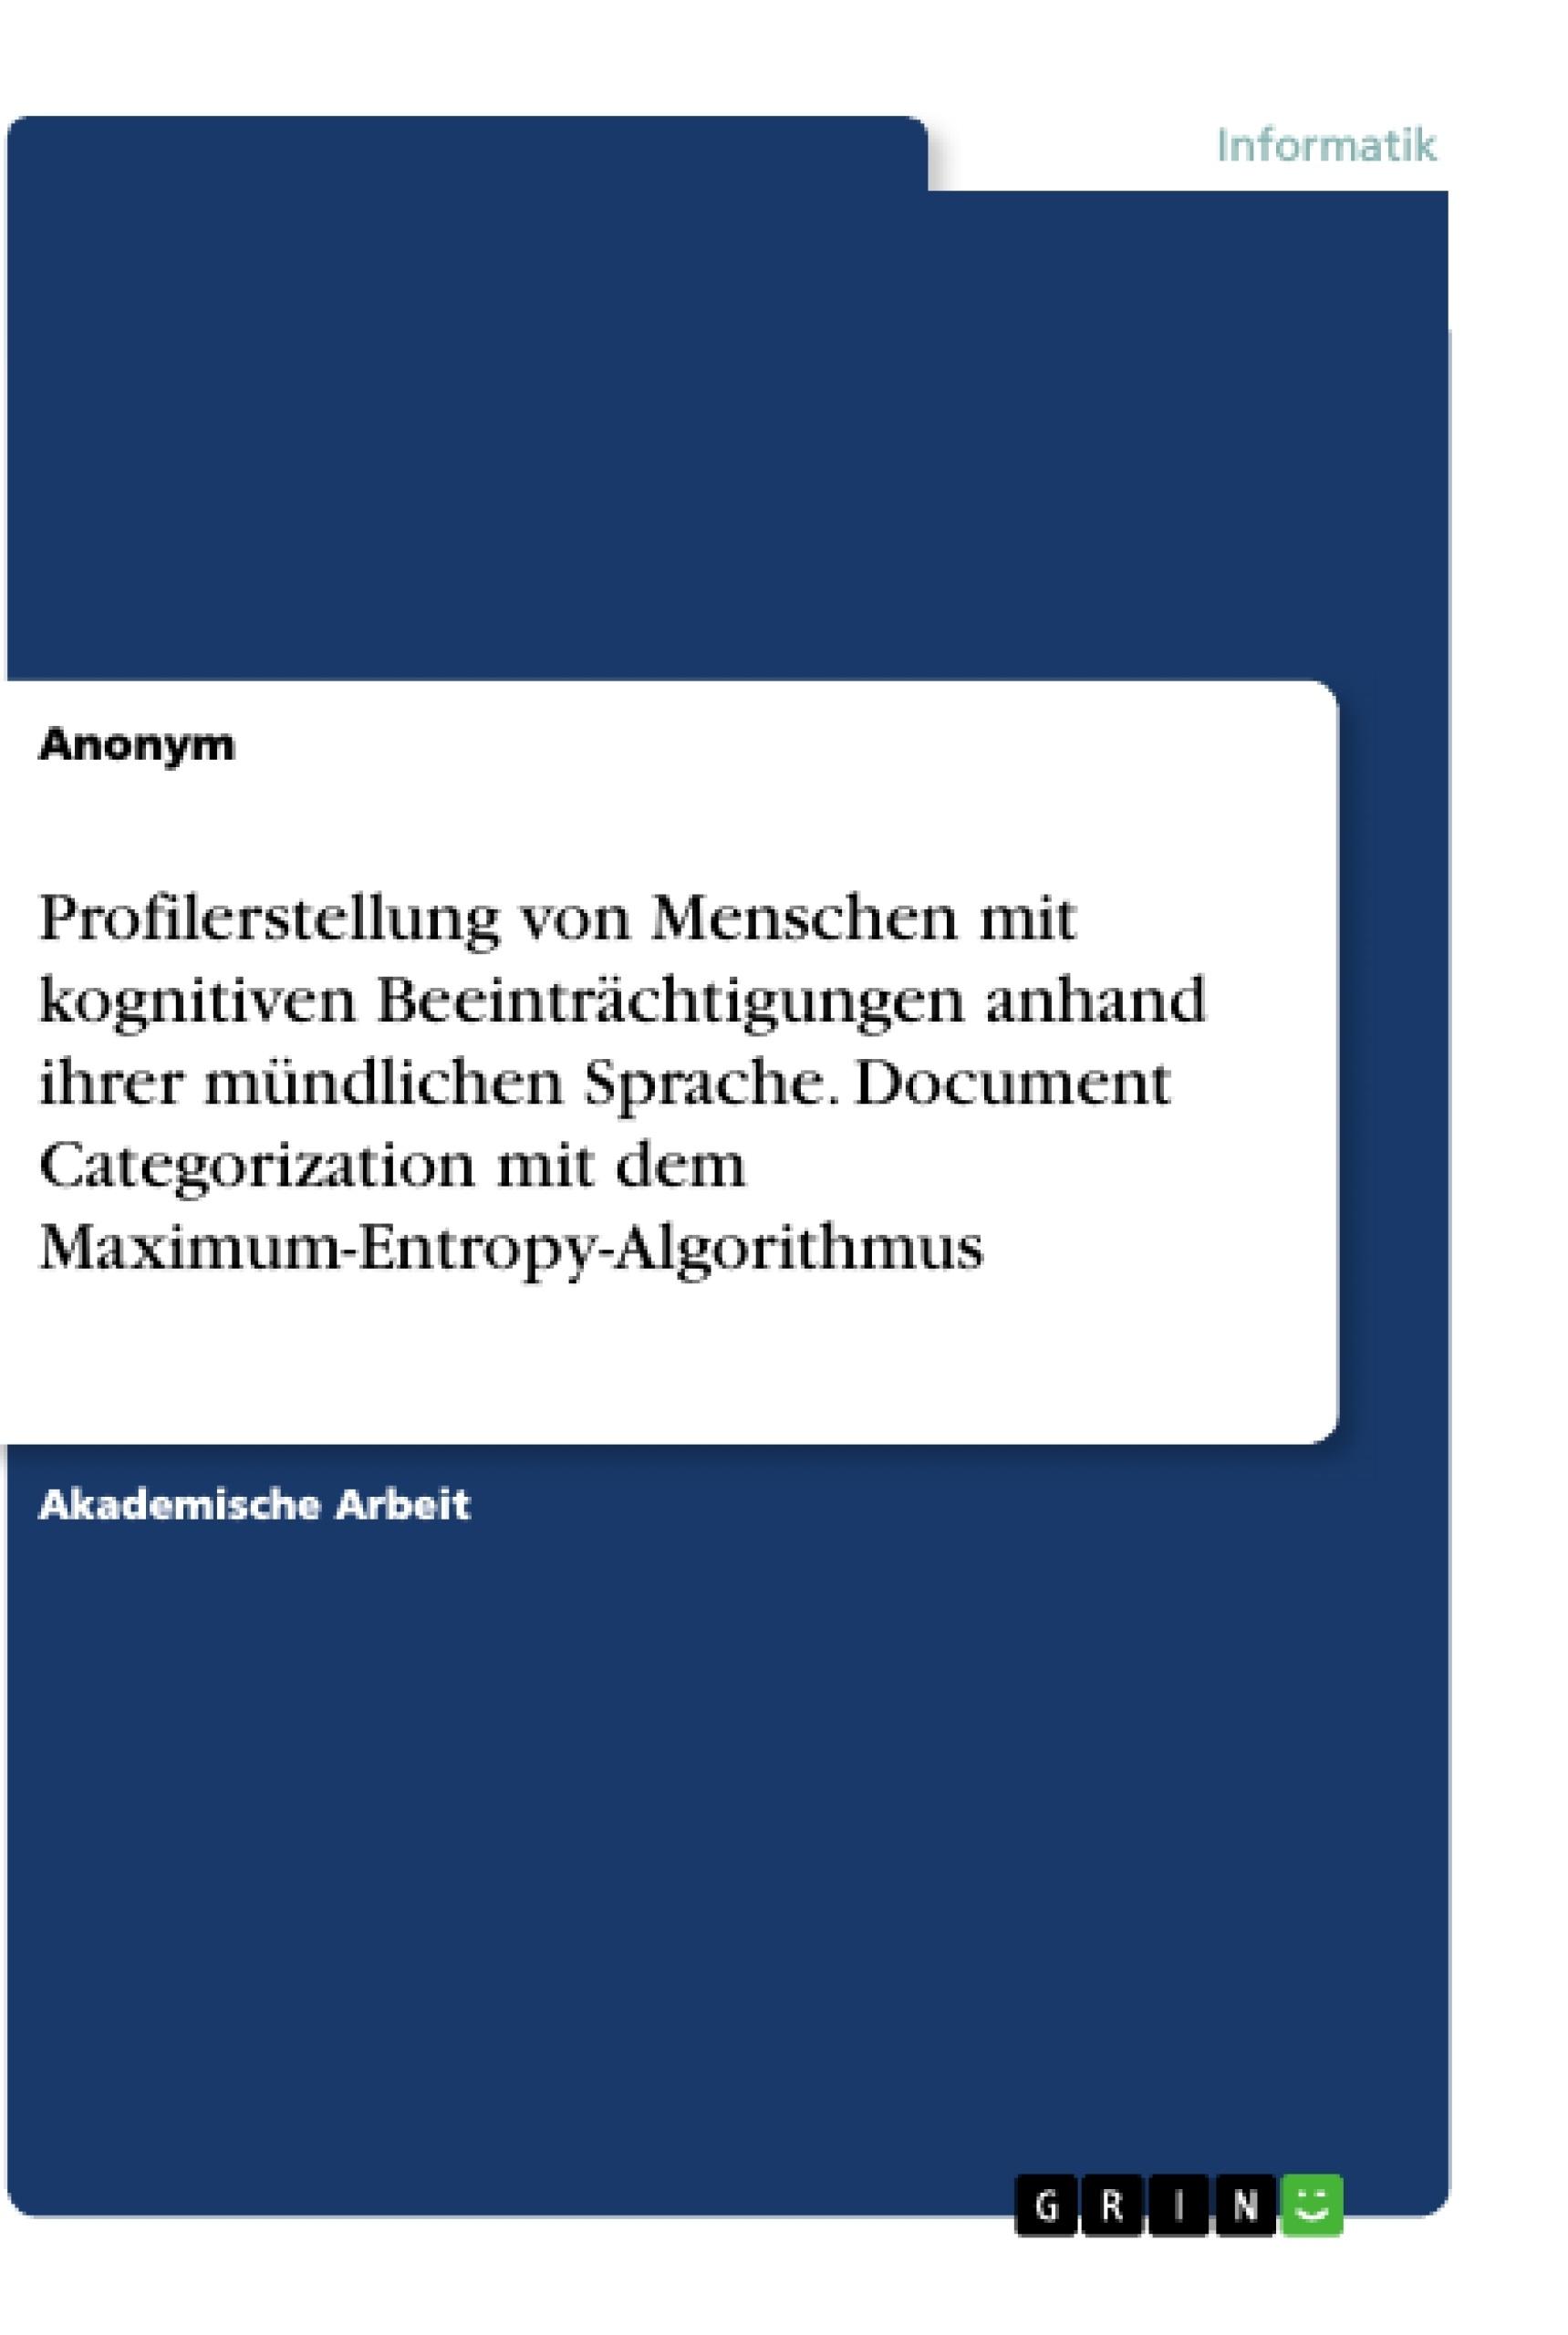 Titel: Profilerstellung von Menschen mit kognitiven Beeinträchtigungen anhand ihrer mündlichen Sprache. Document Categorization mit dem Maximum-Entropy-Algorithmus